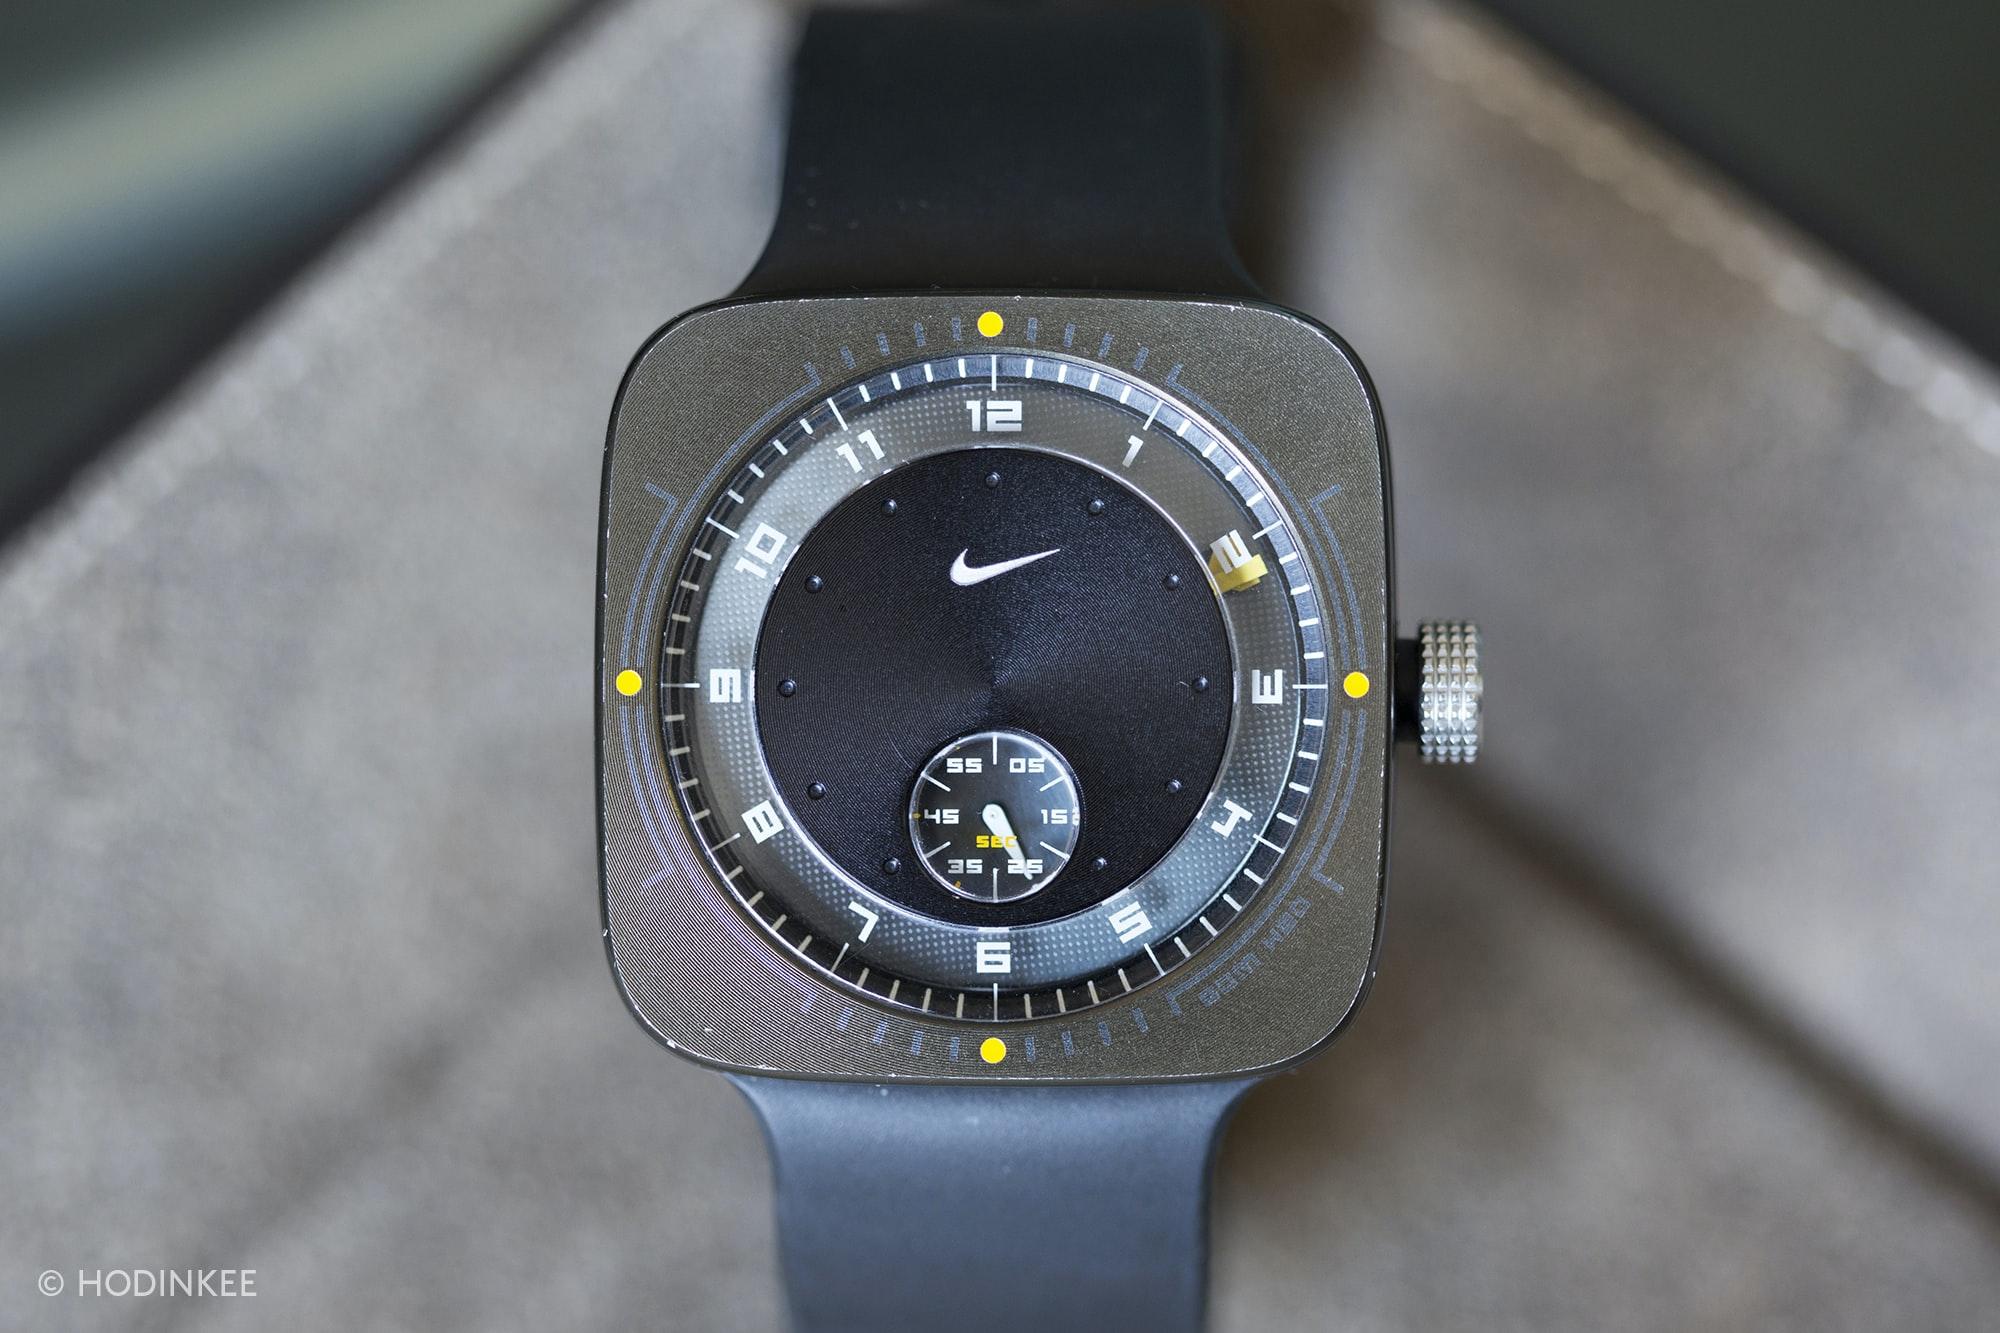 Spike Feresten Nike Metal Drill Talking Watches: With Spike Feresten Talking Watches: With Spike Feresten 20013803 copy